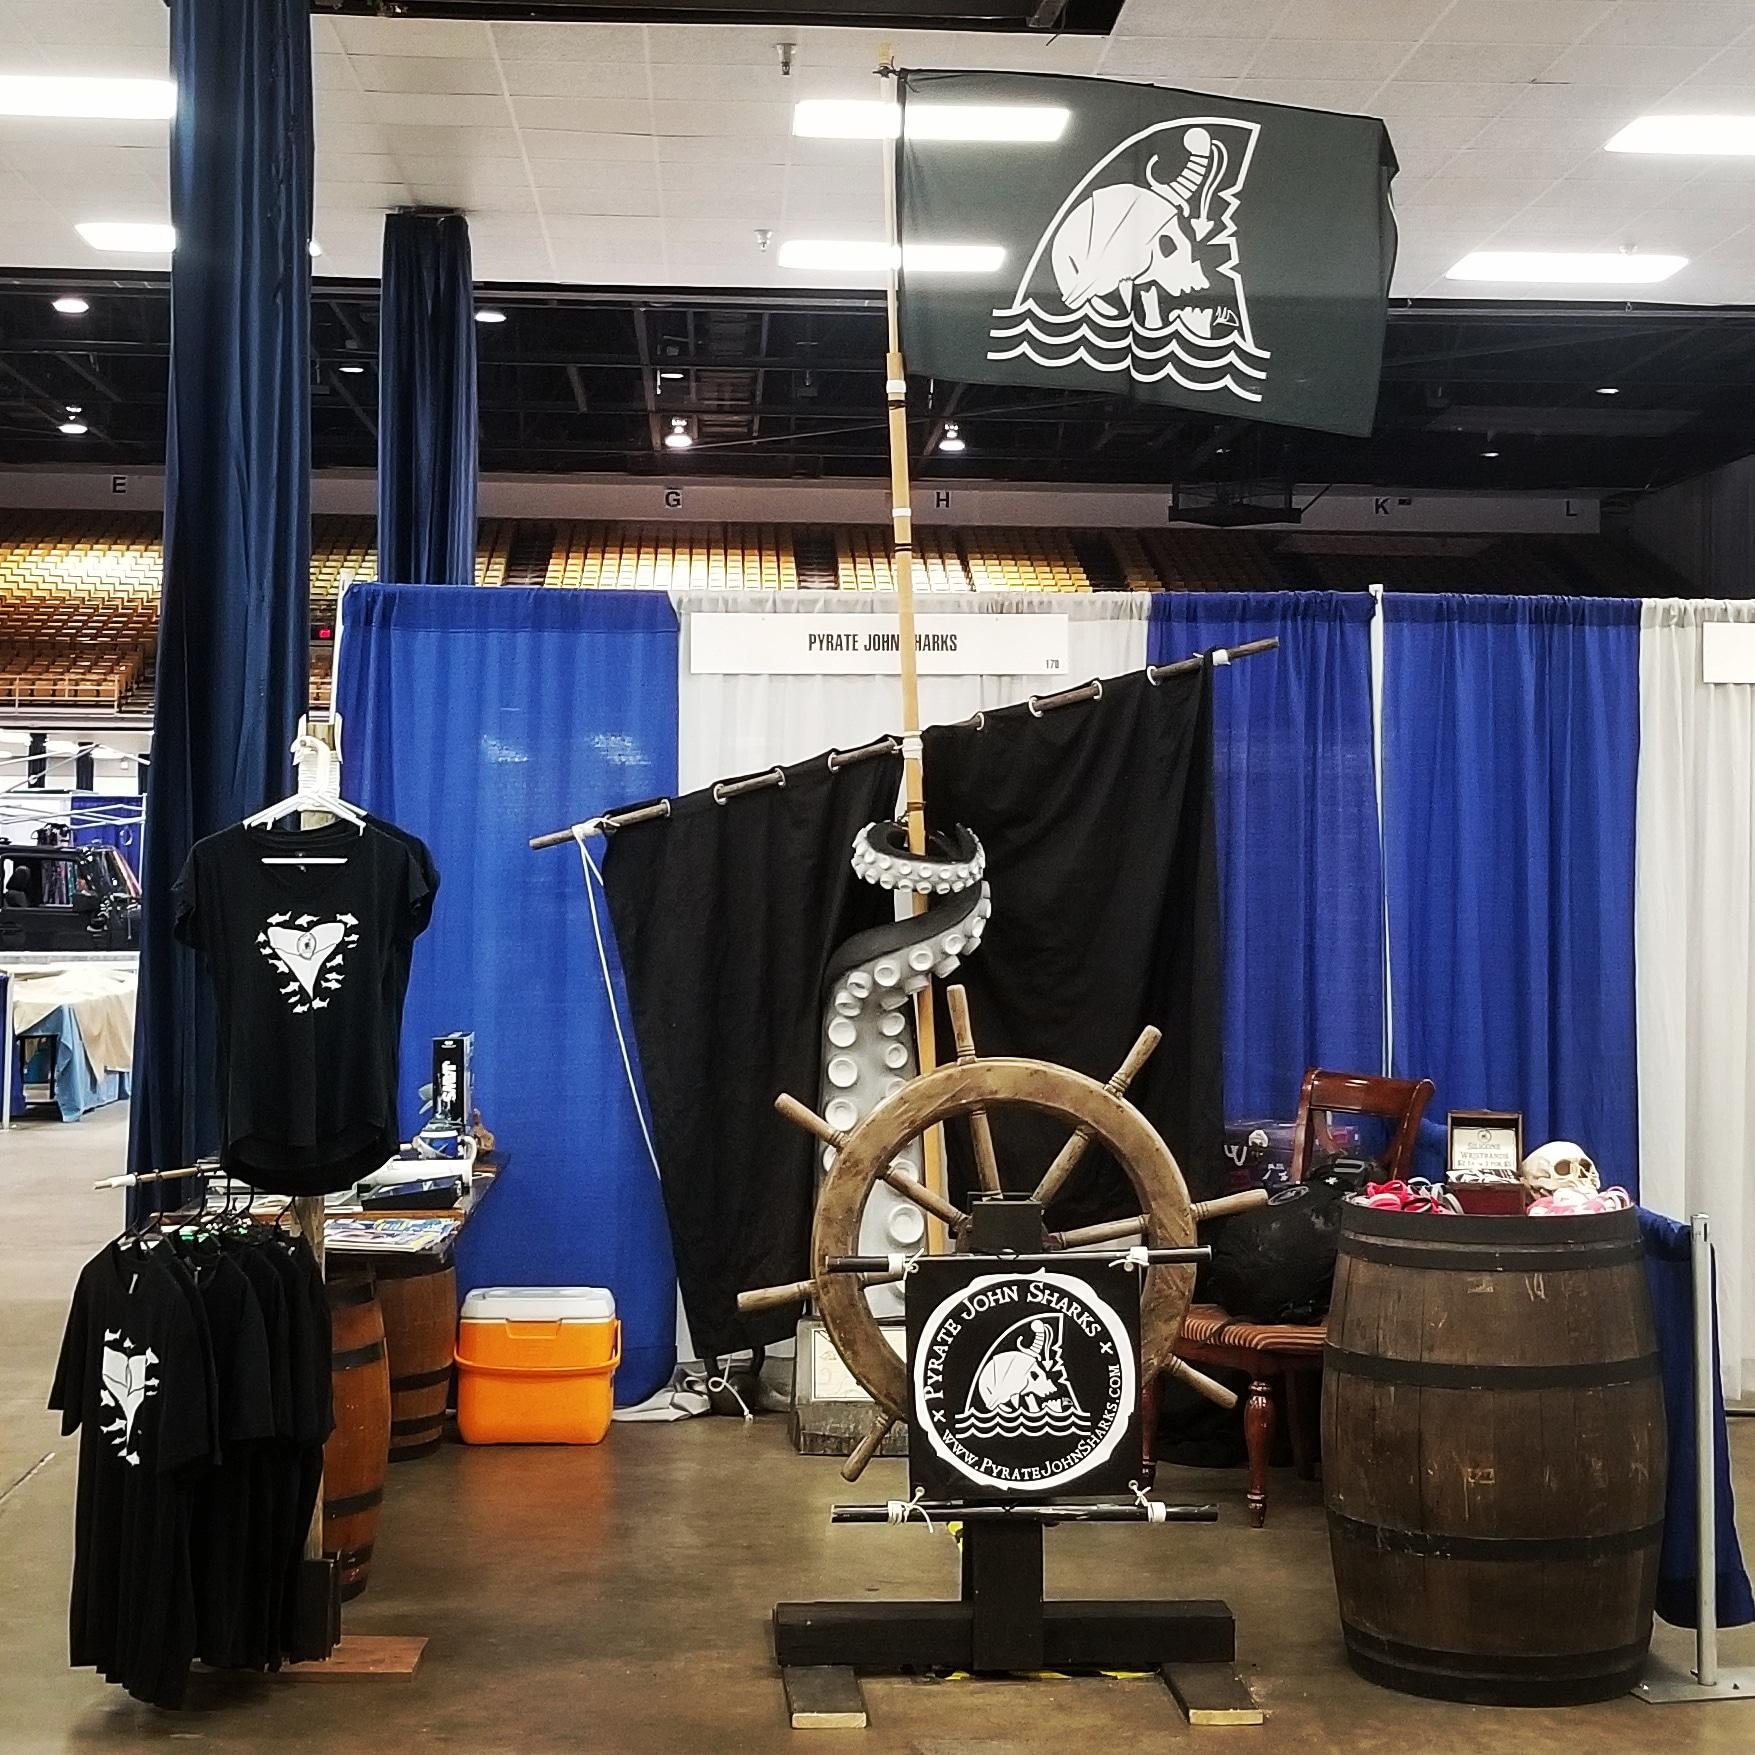 Pyrate John Sharks Shark Con 2018 booth setup.